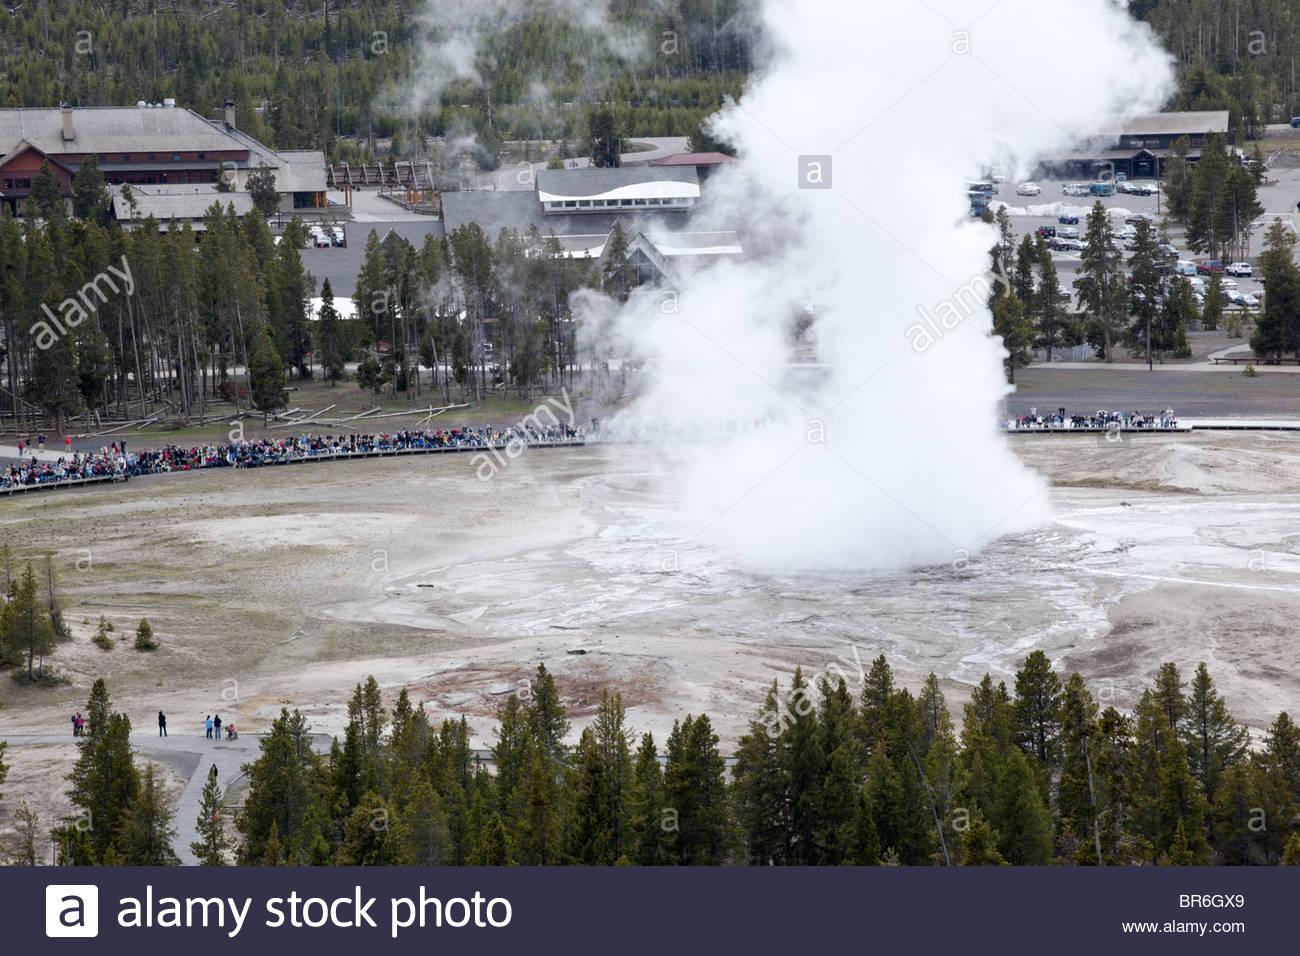 Old Faithful Geyser erupción desde el punto de observación, el Parque Nacional Yellowstone, Wyoming Imagen De Stock